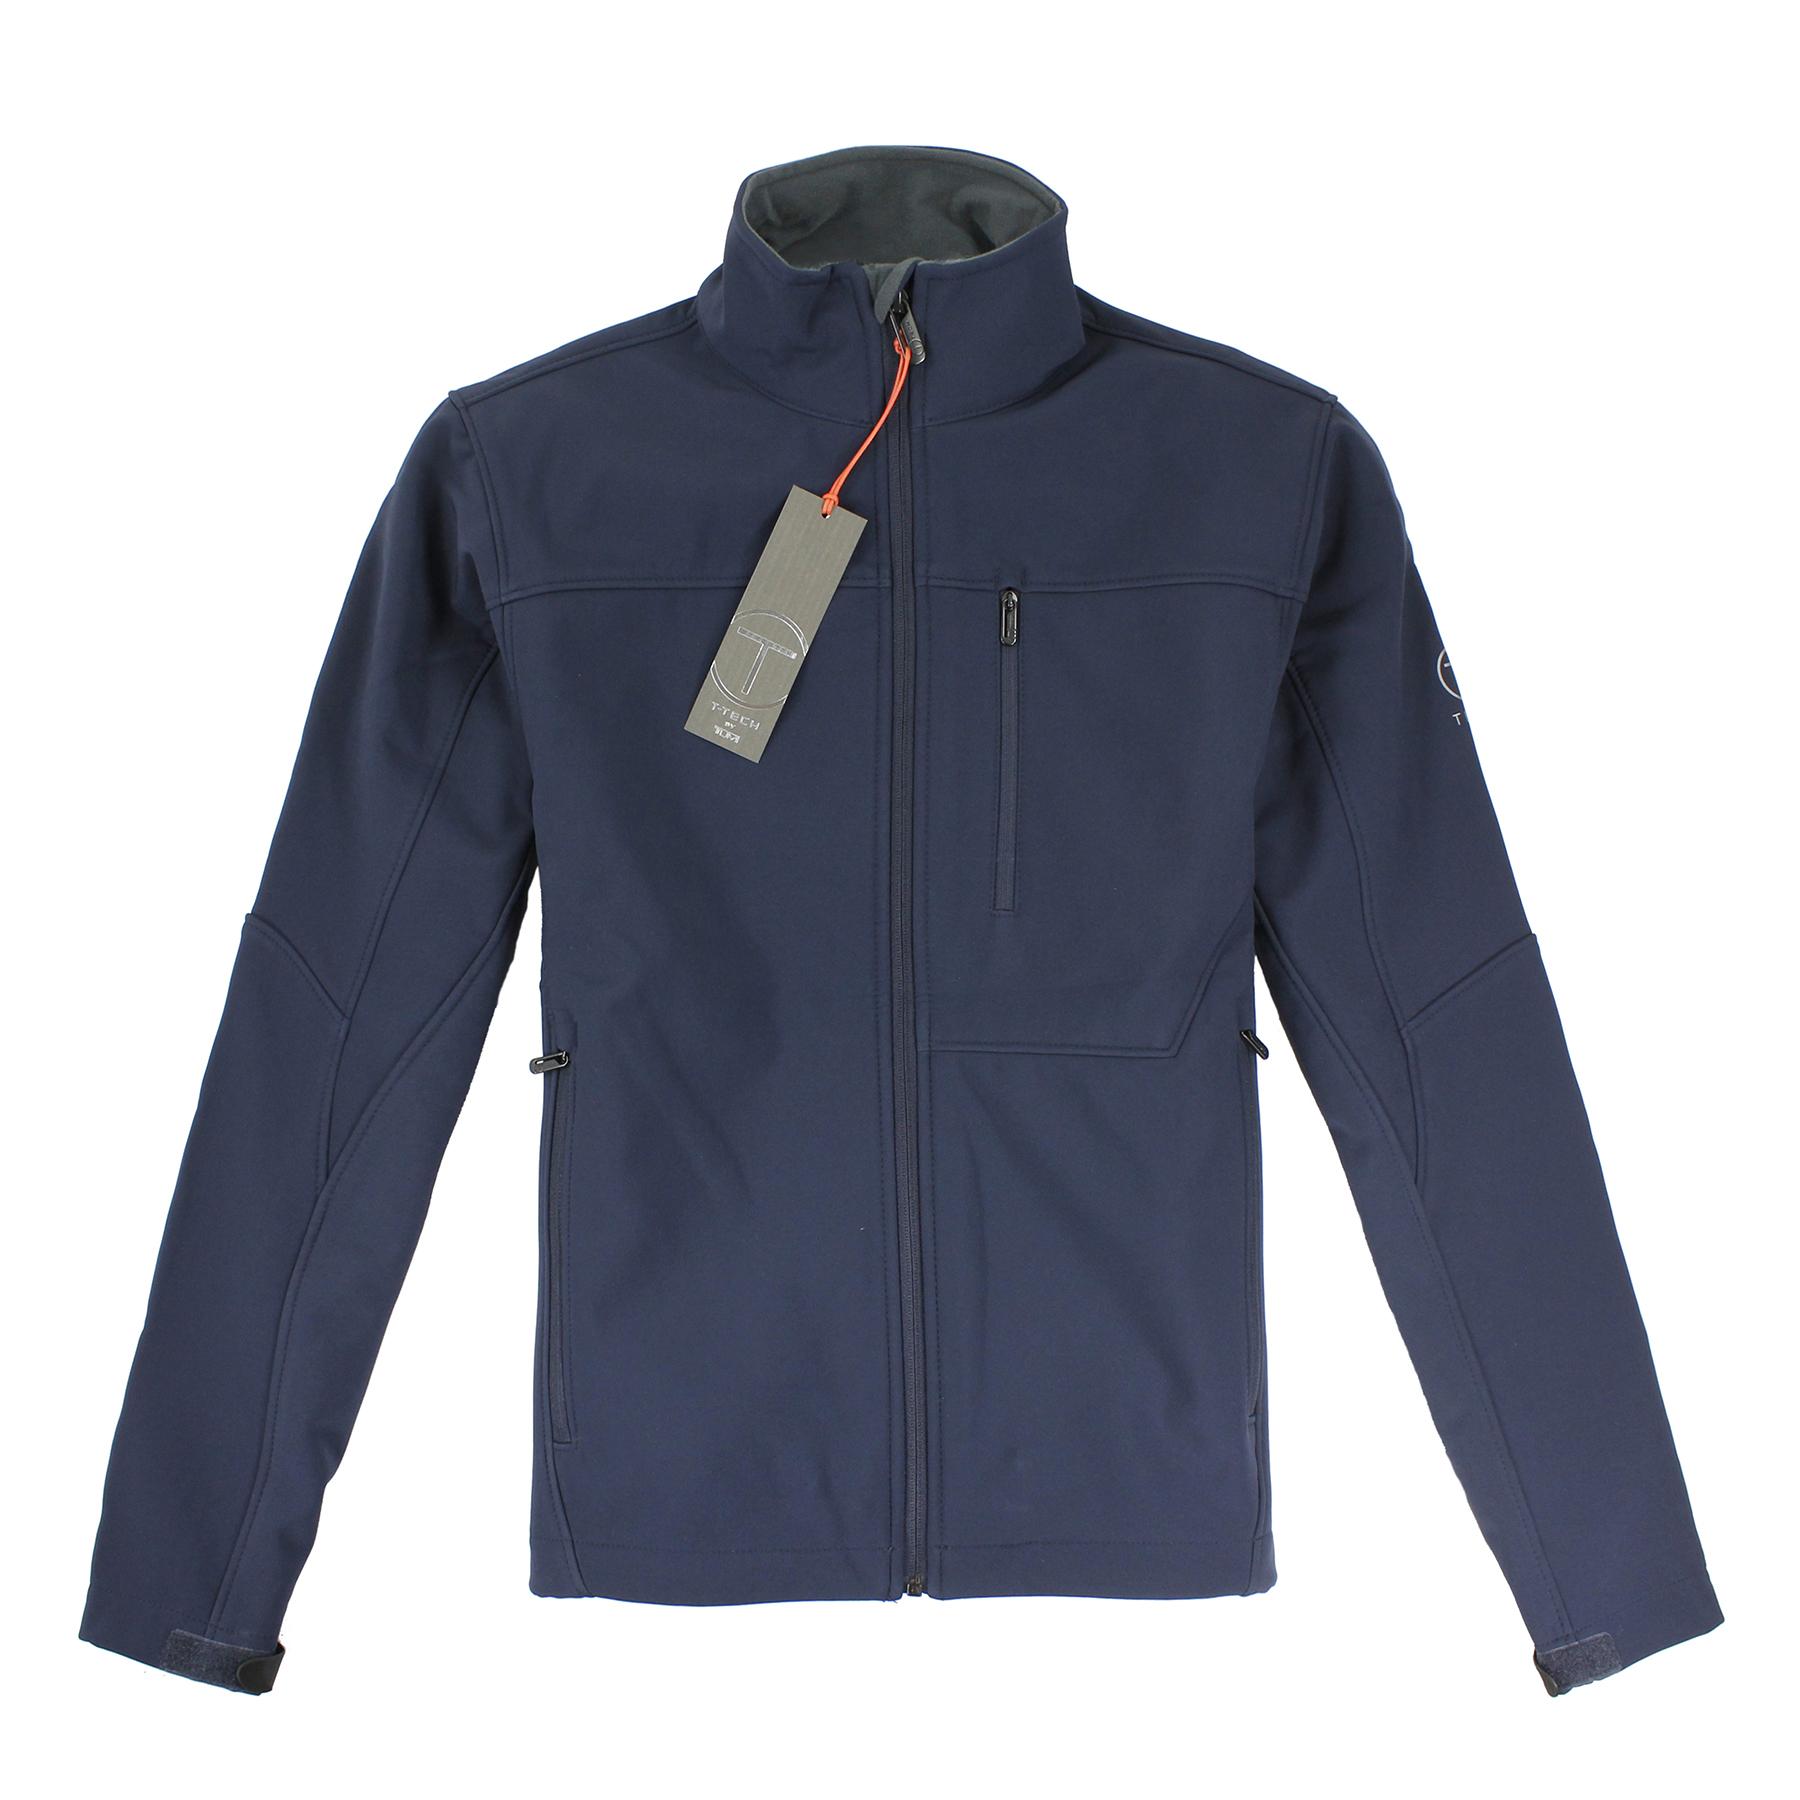 美國百分百【全新真品】Tumi 外套 立領 T-tech 防水 防風 軟殼 鋪棉 刷毛 深藍 S M L XL E352